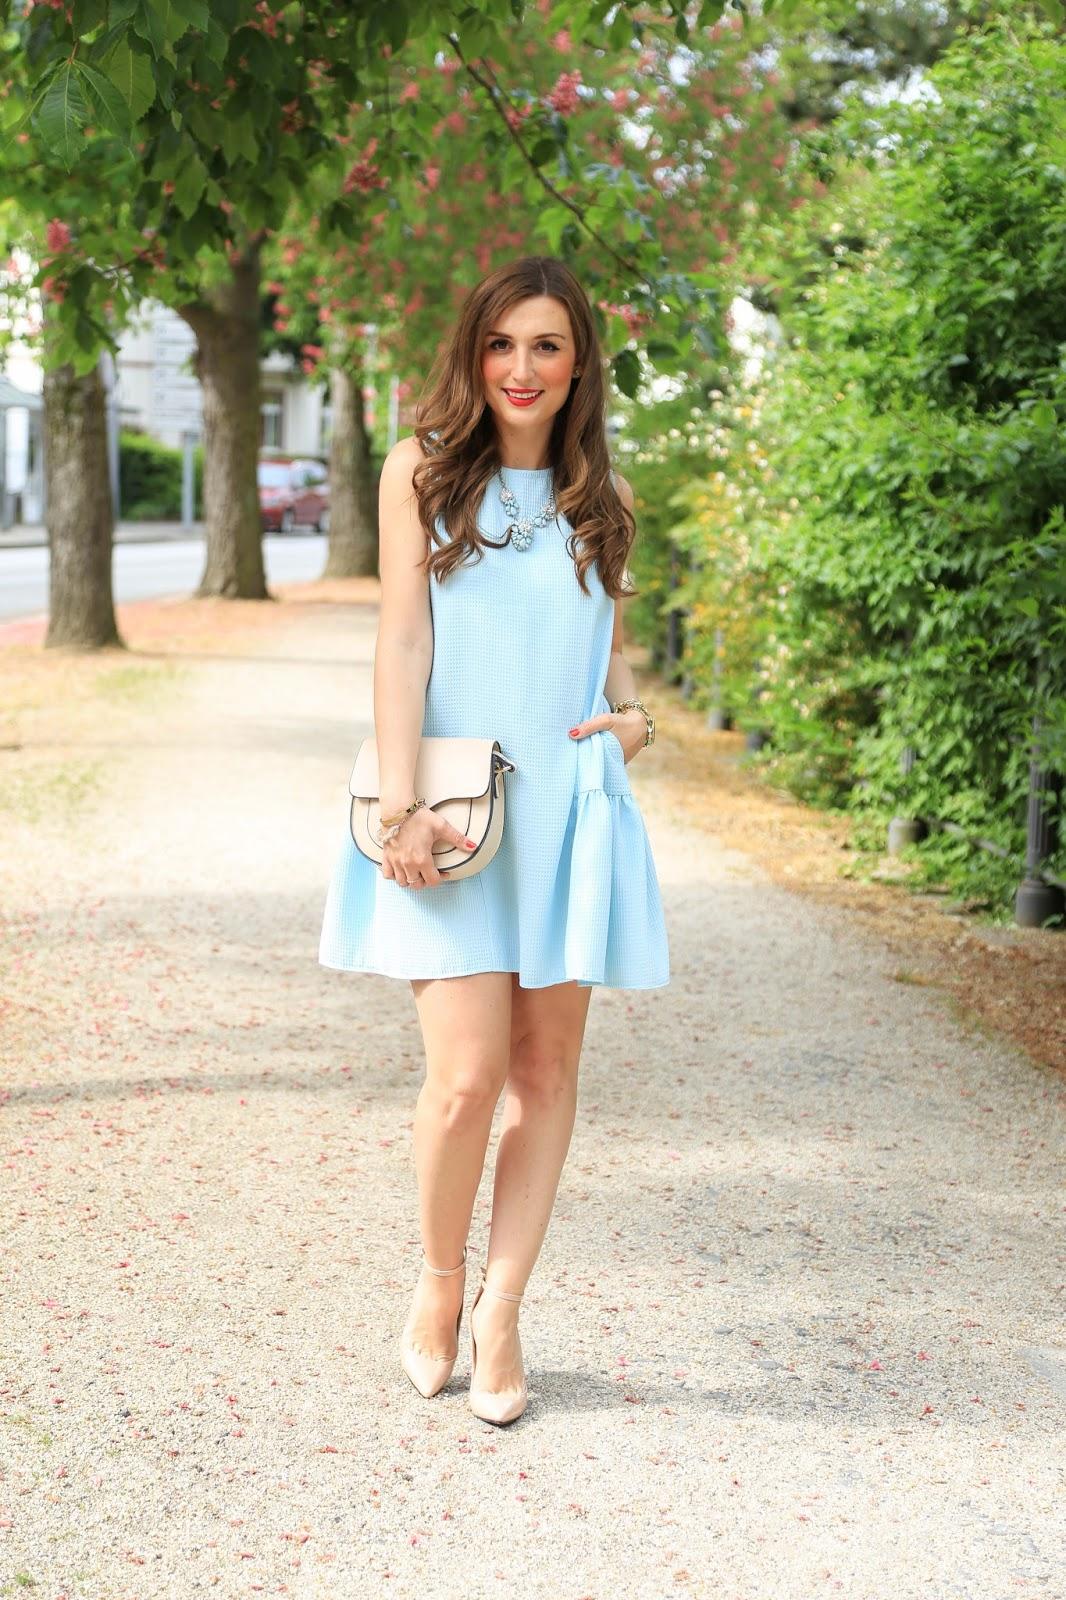 Frankfurt Fashionblogger - Outfits der Blogger - Blogger looks für den Sommer - Hellblaues KLeid Zouze Fashion - Fashionstylebyjohanna im Kleid